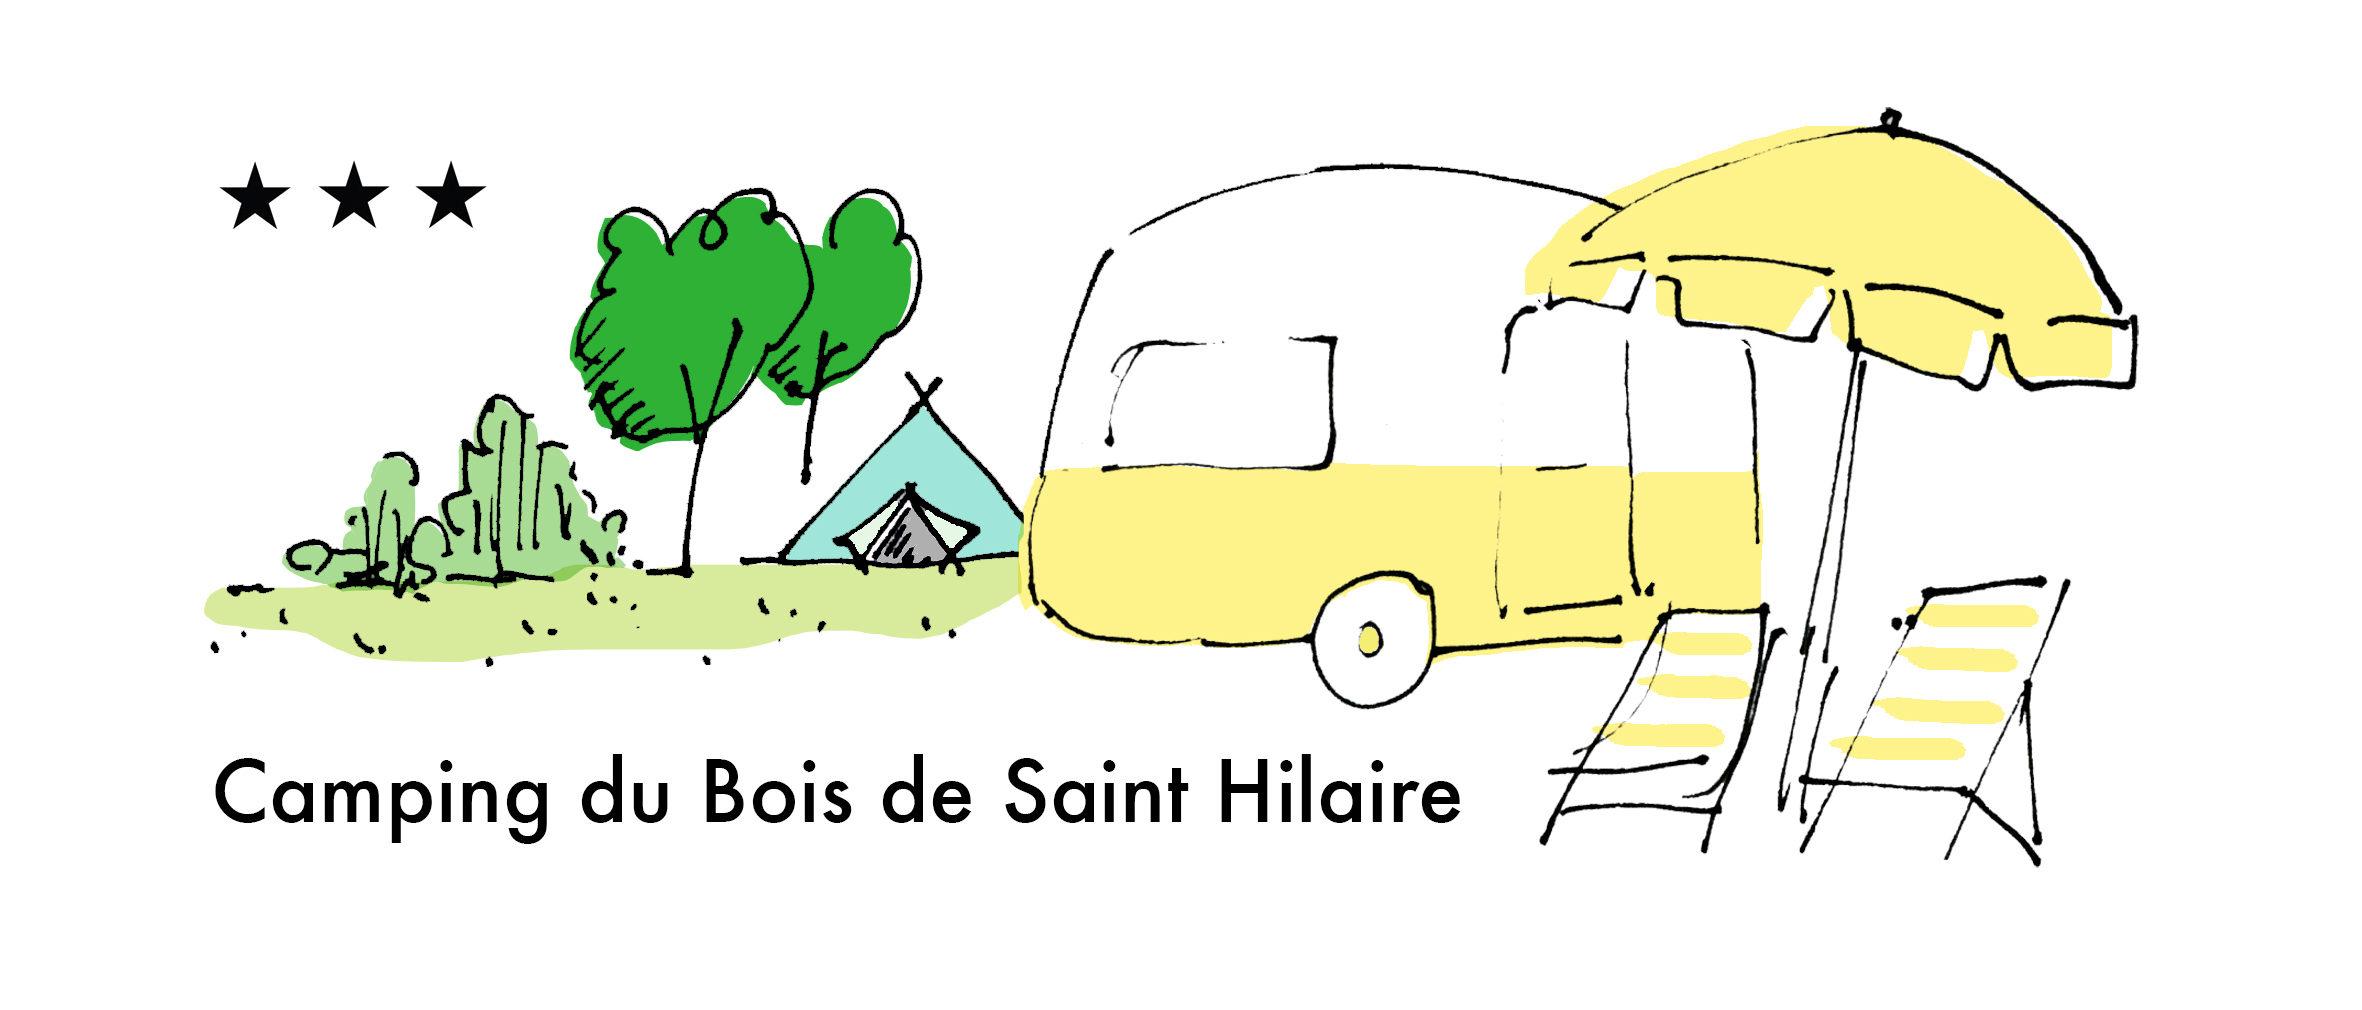 Clara the Vintage Caravan - Camping du Bois de St Hilaire